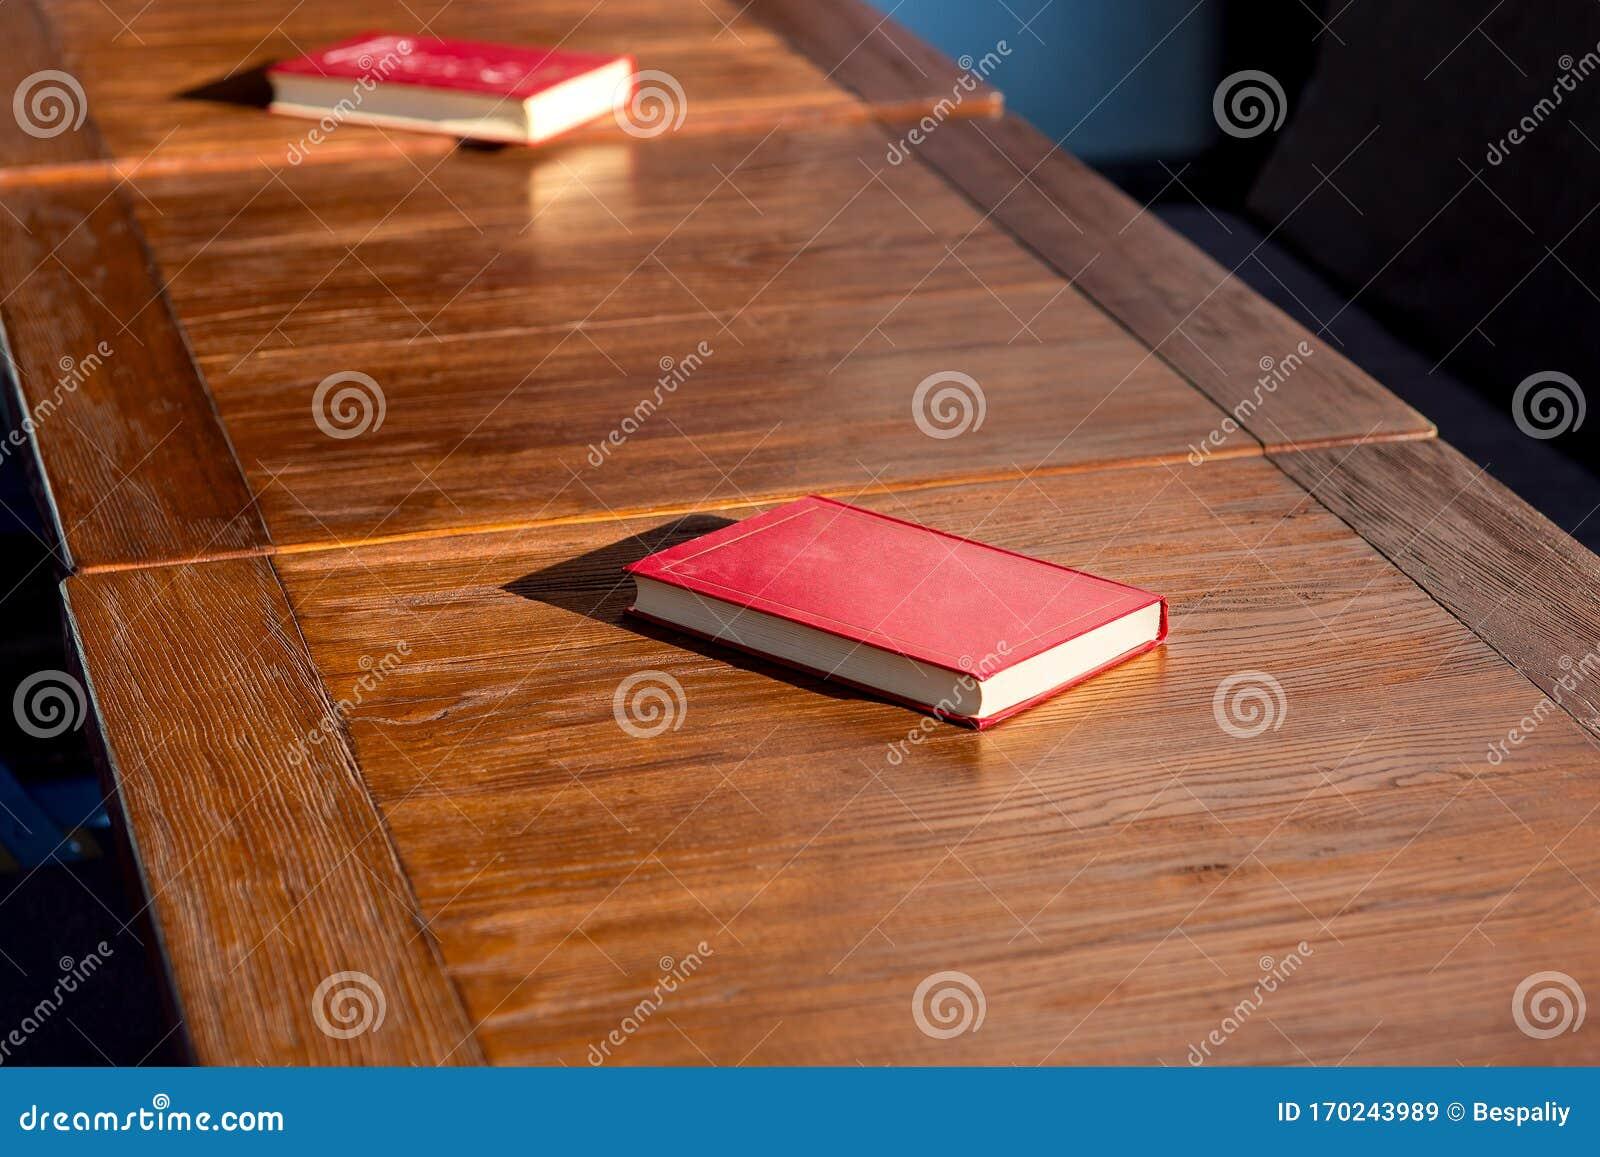 Libretto Di Copertina Rossa Senza Titolo Su Un Tavolo Di Legno Marrone Immagine Stock Immagine Di Oggetto Arte 170243989